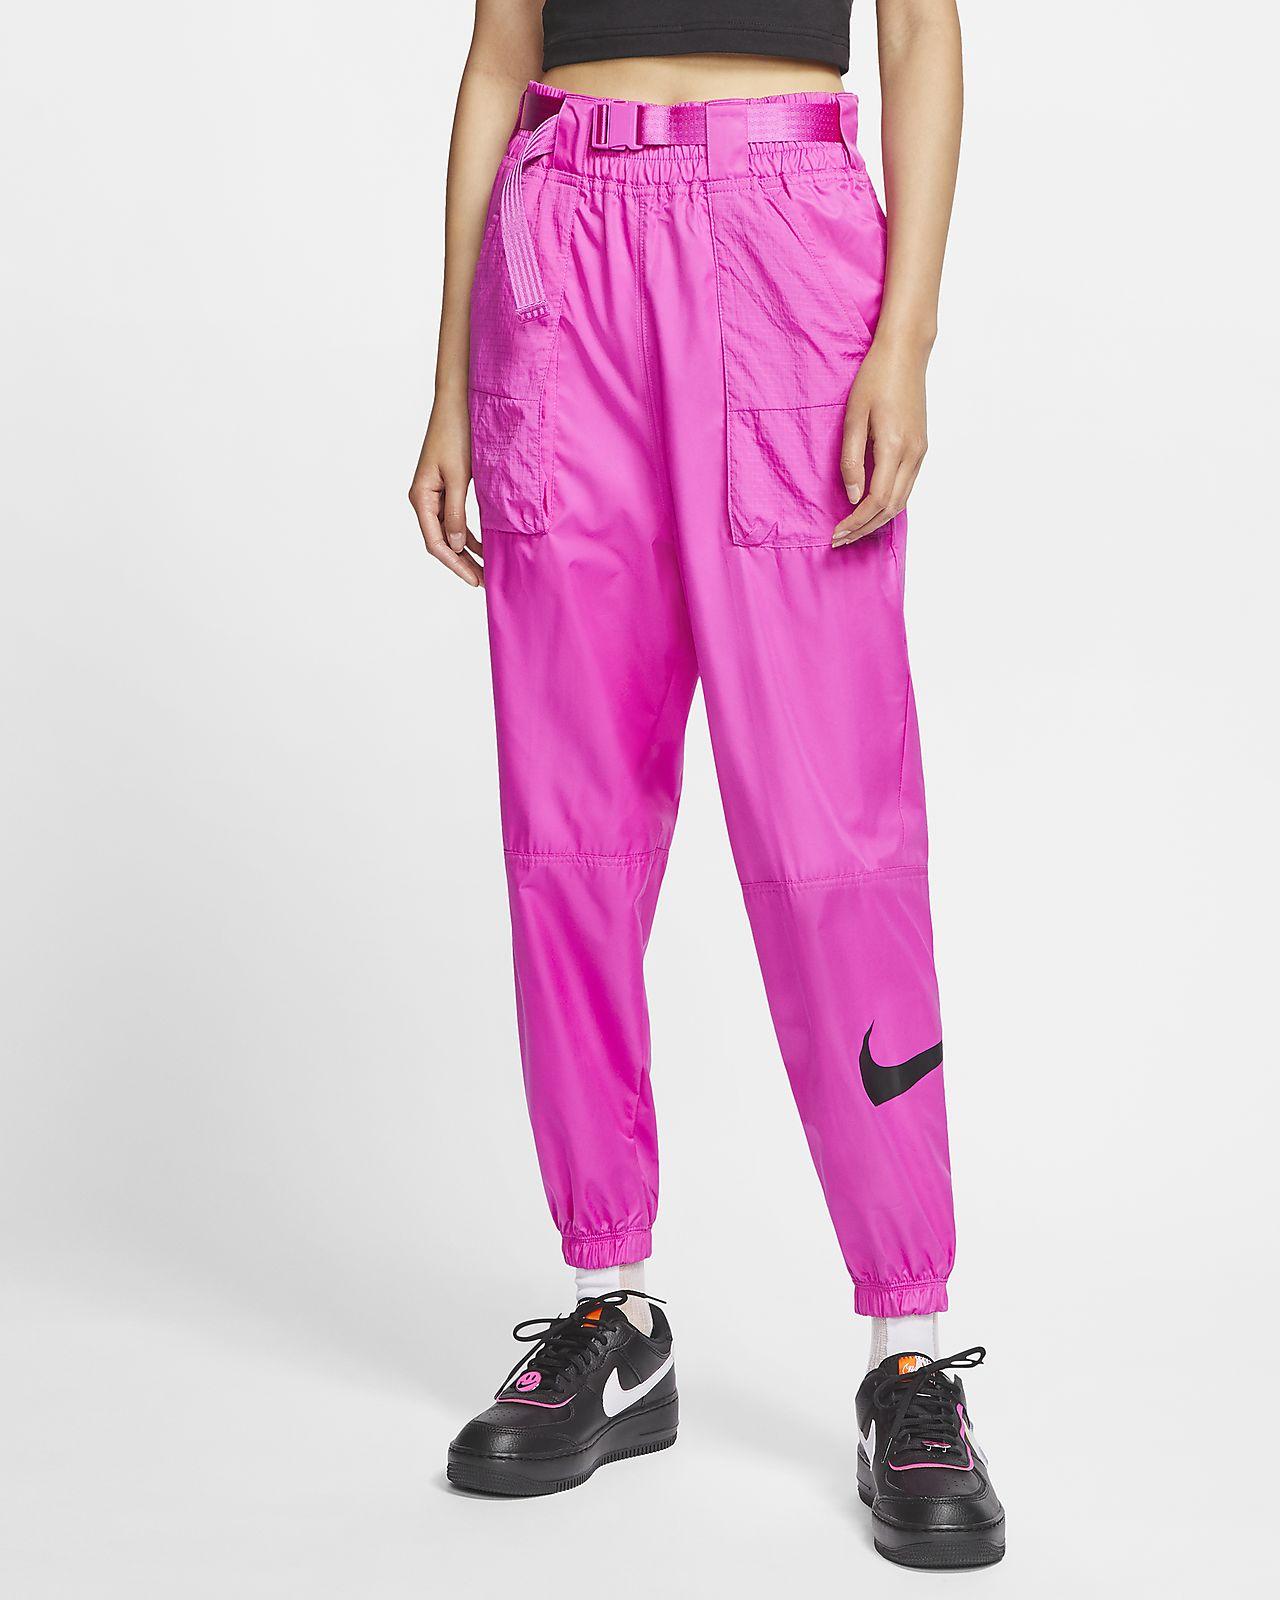 Damskie spodnie z tkaniny z logo Swoosh Nike Sportswear